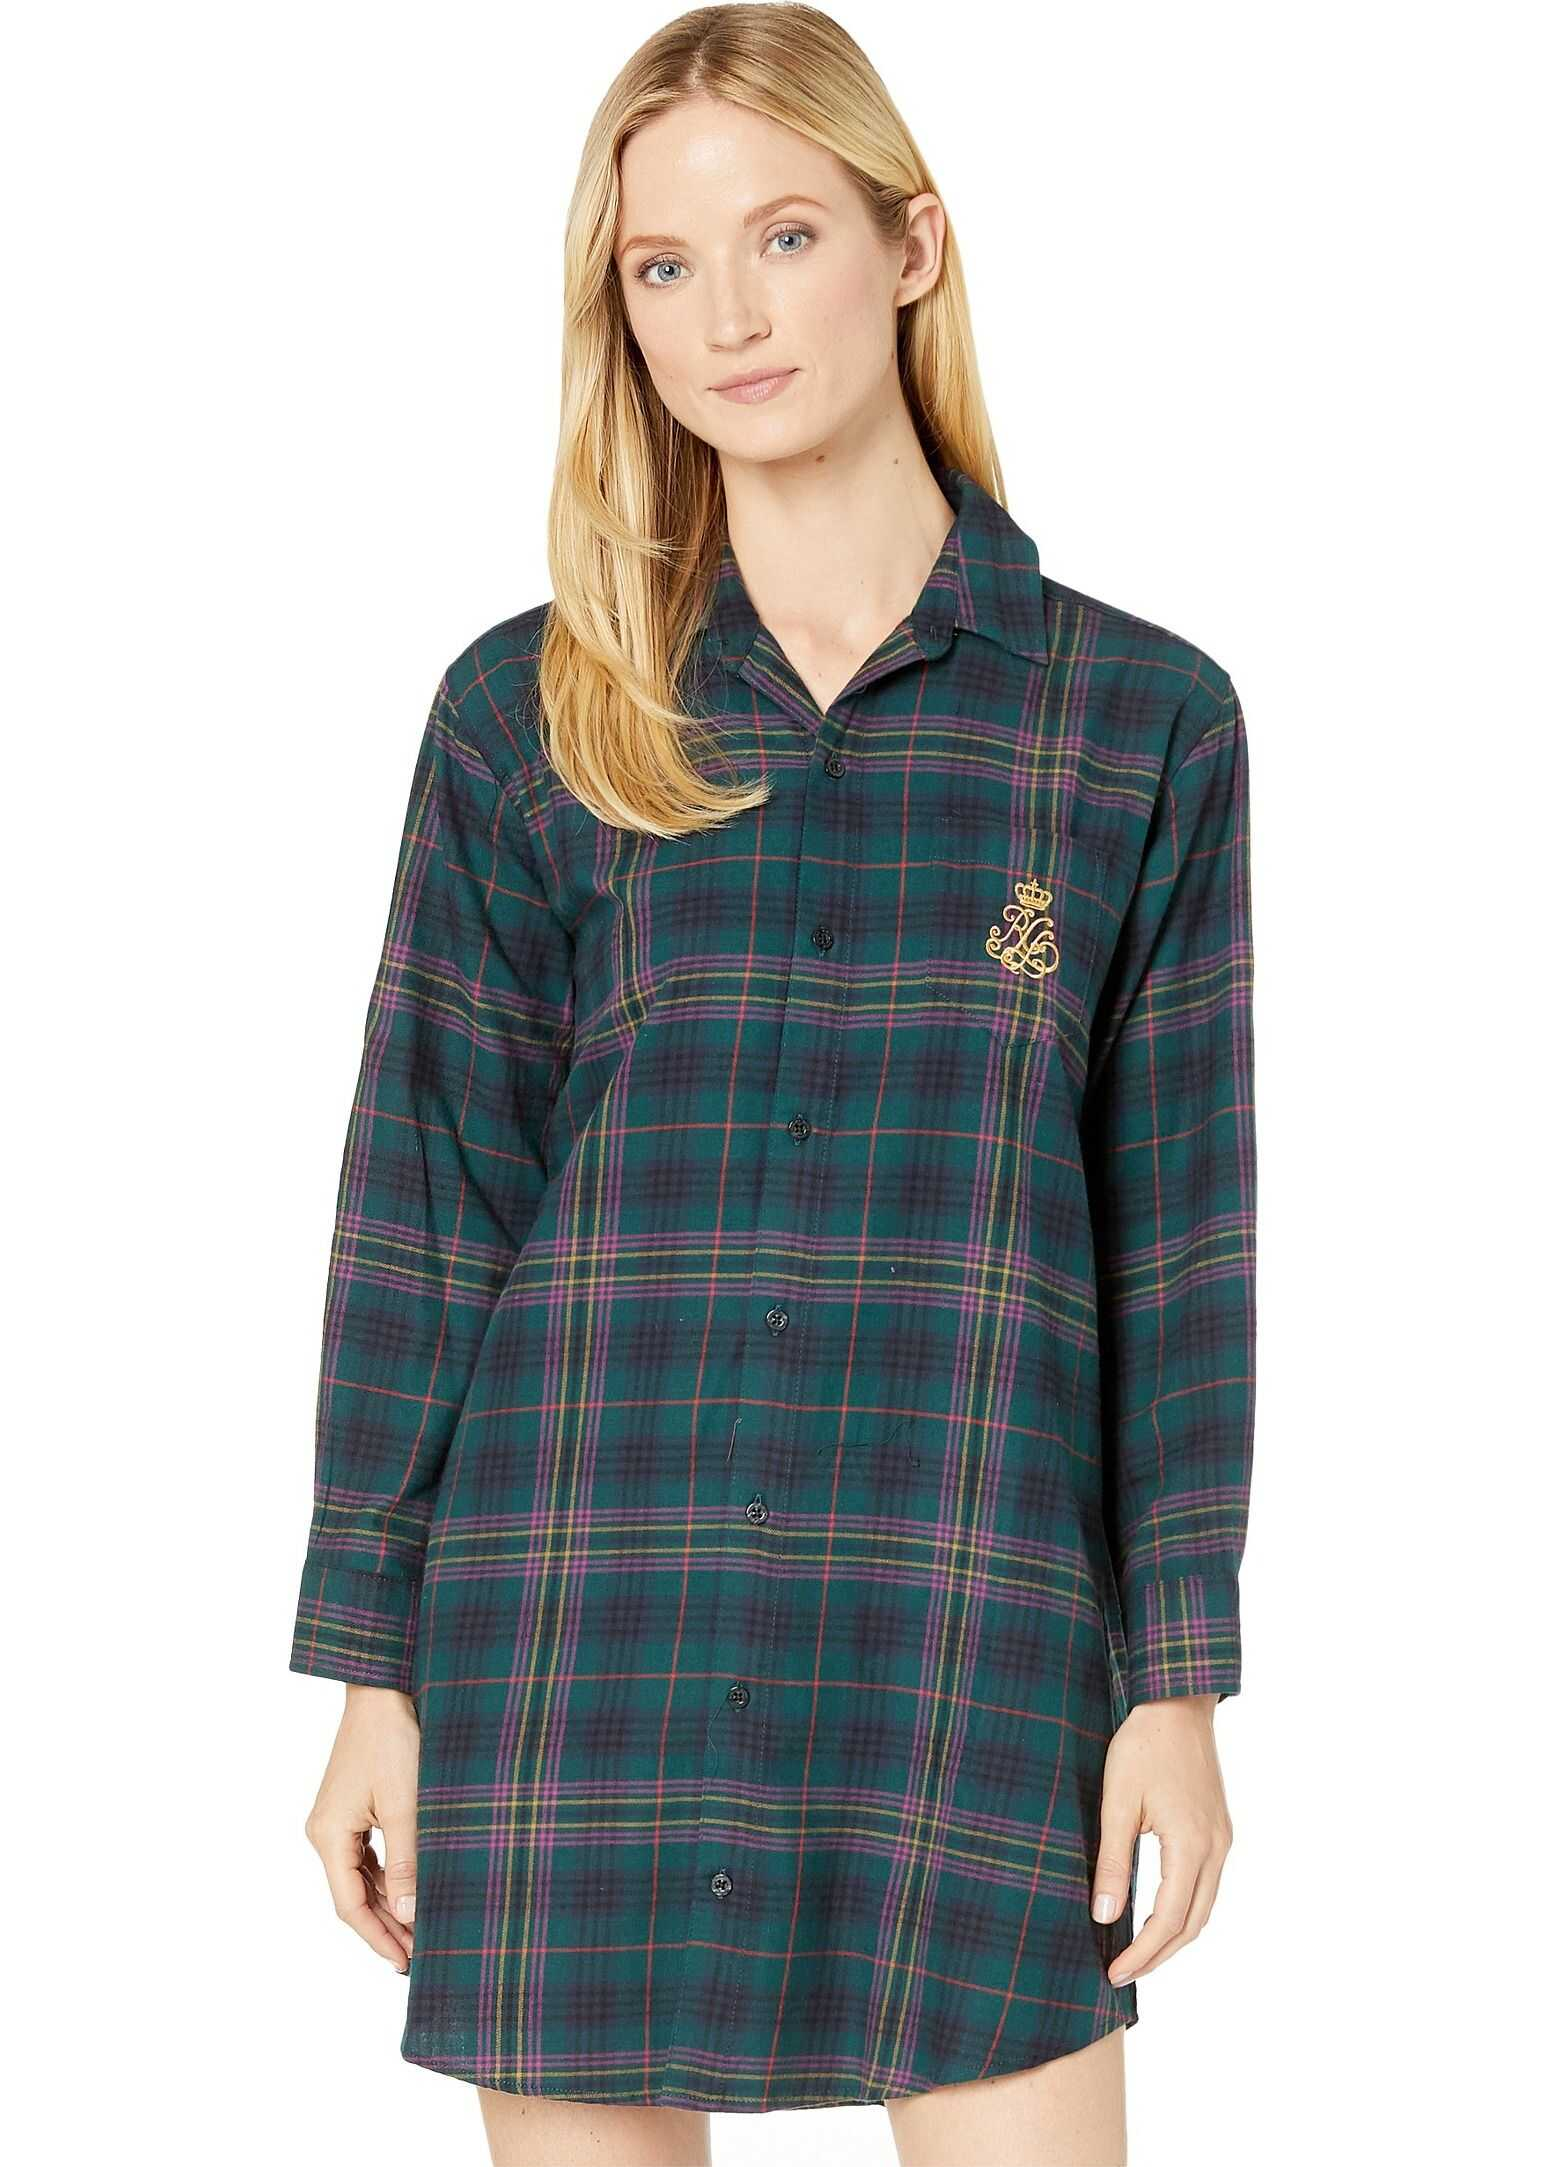 Ralph Lauren Brushed Twill Long Sleeve His Shirt Sleepshirt Green Plaid